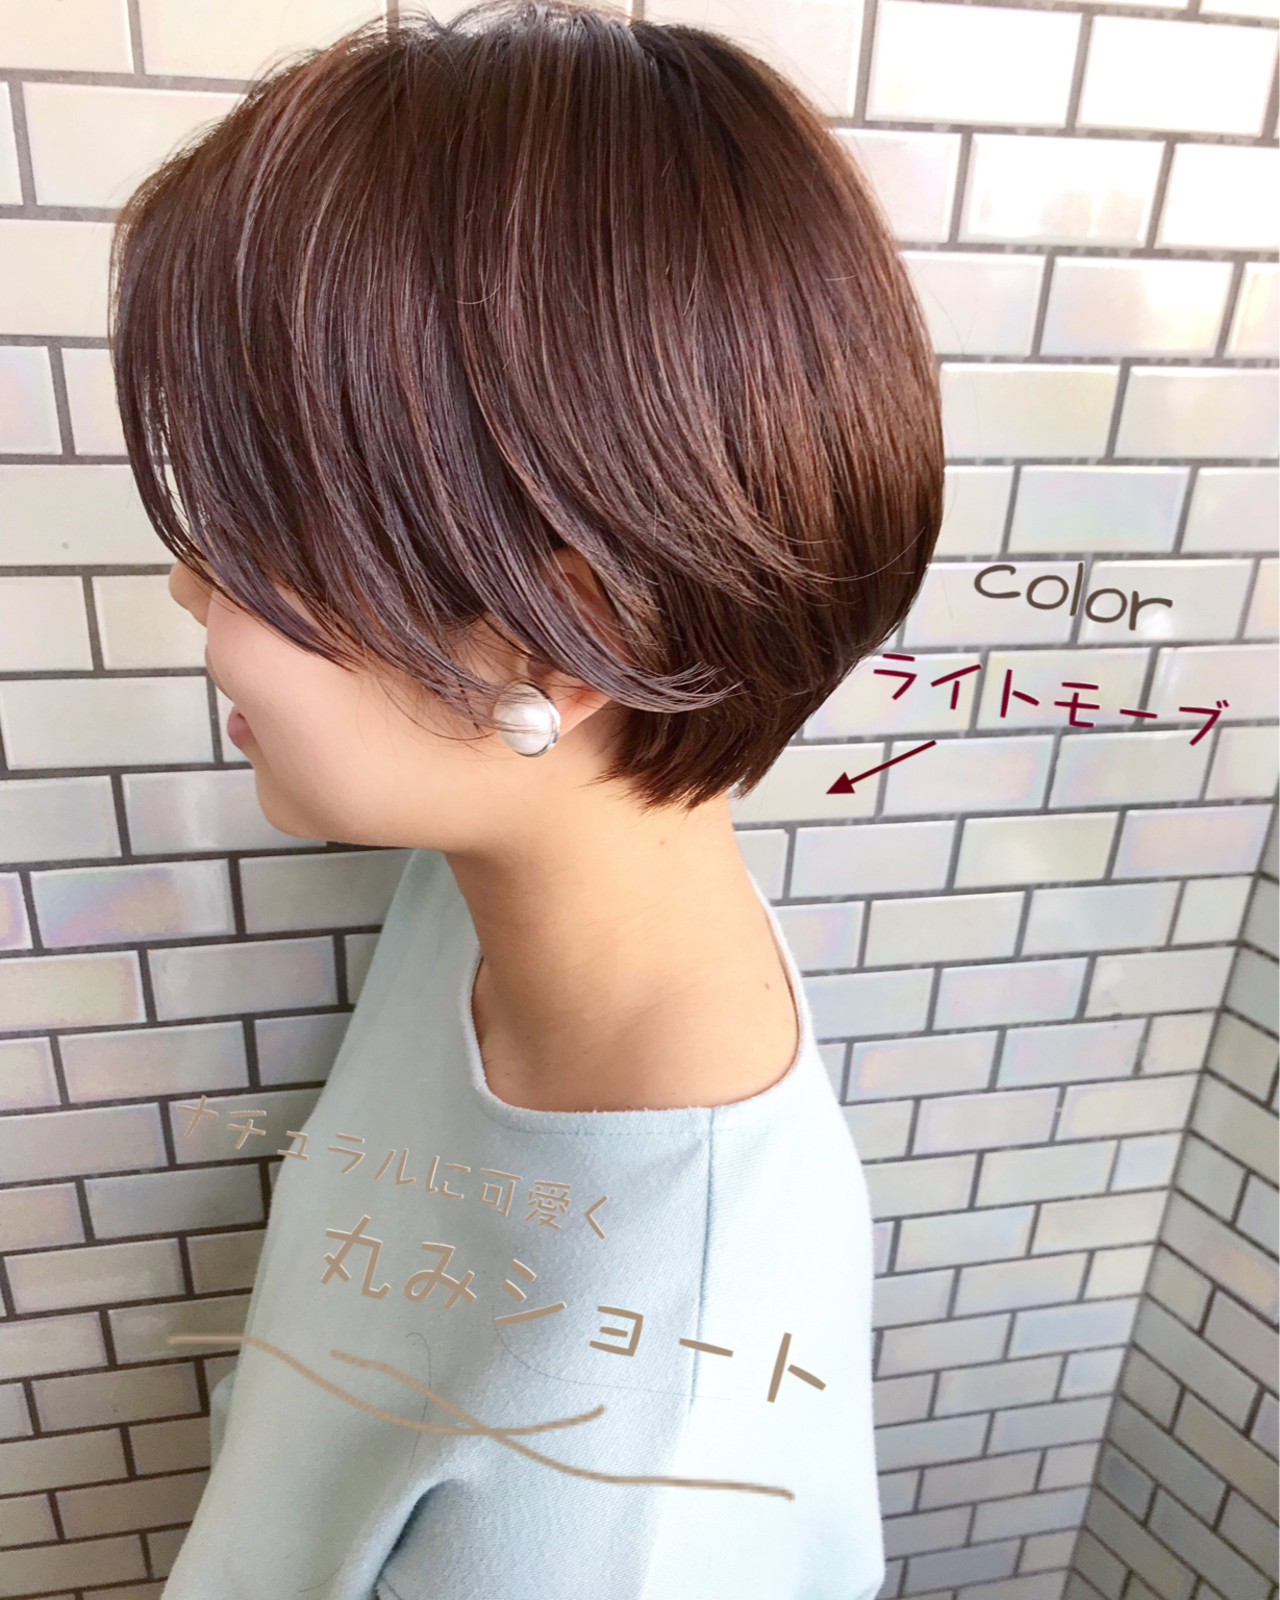 デート ベリーショート 大人かわいい ショートボブ ヘアスタイルや髪型の写真・画像